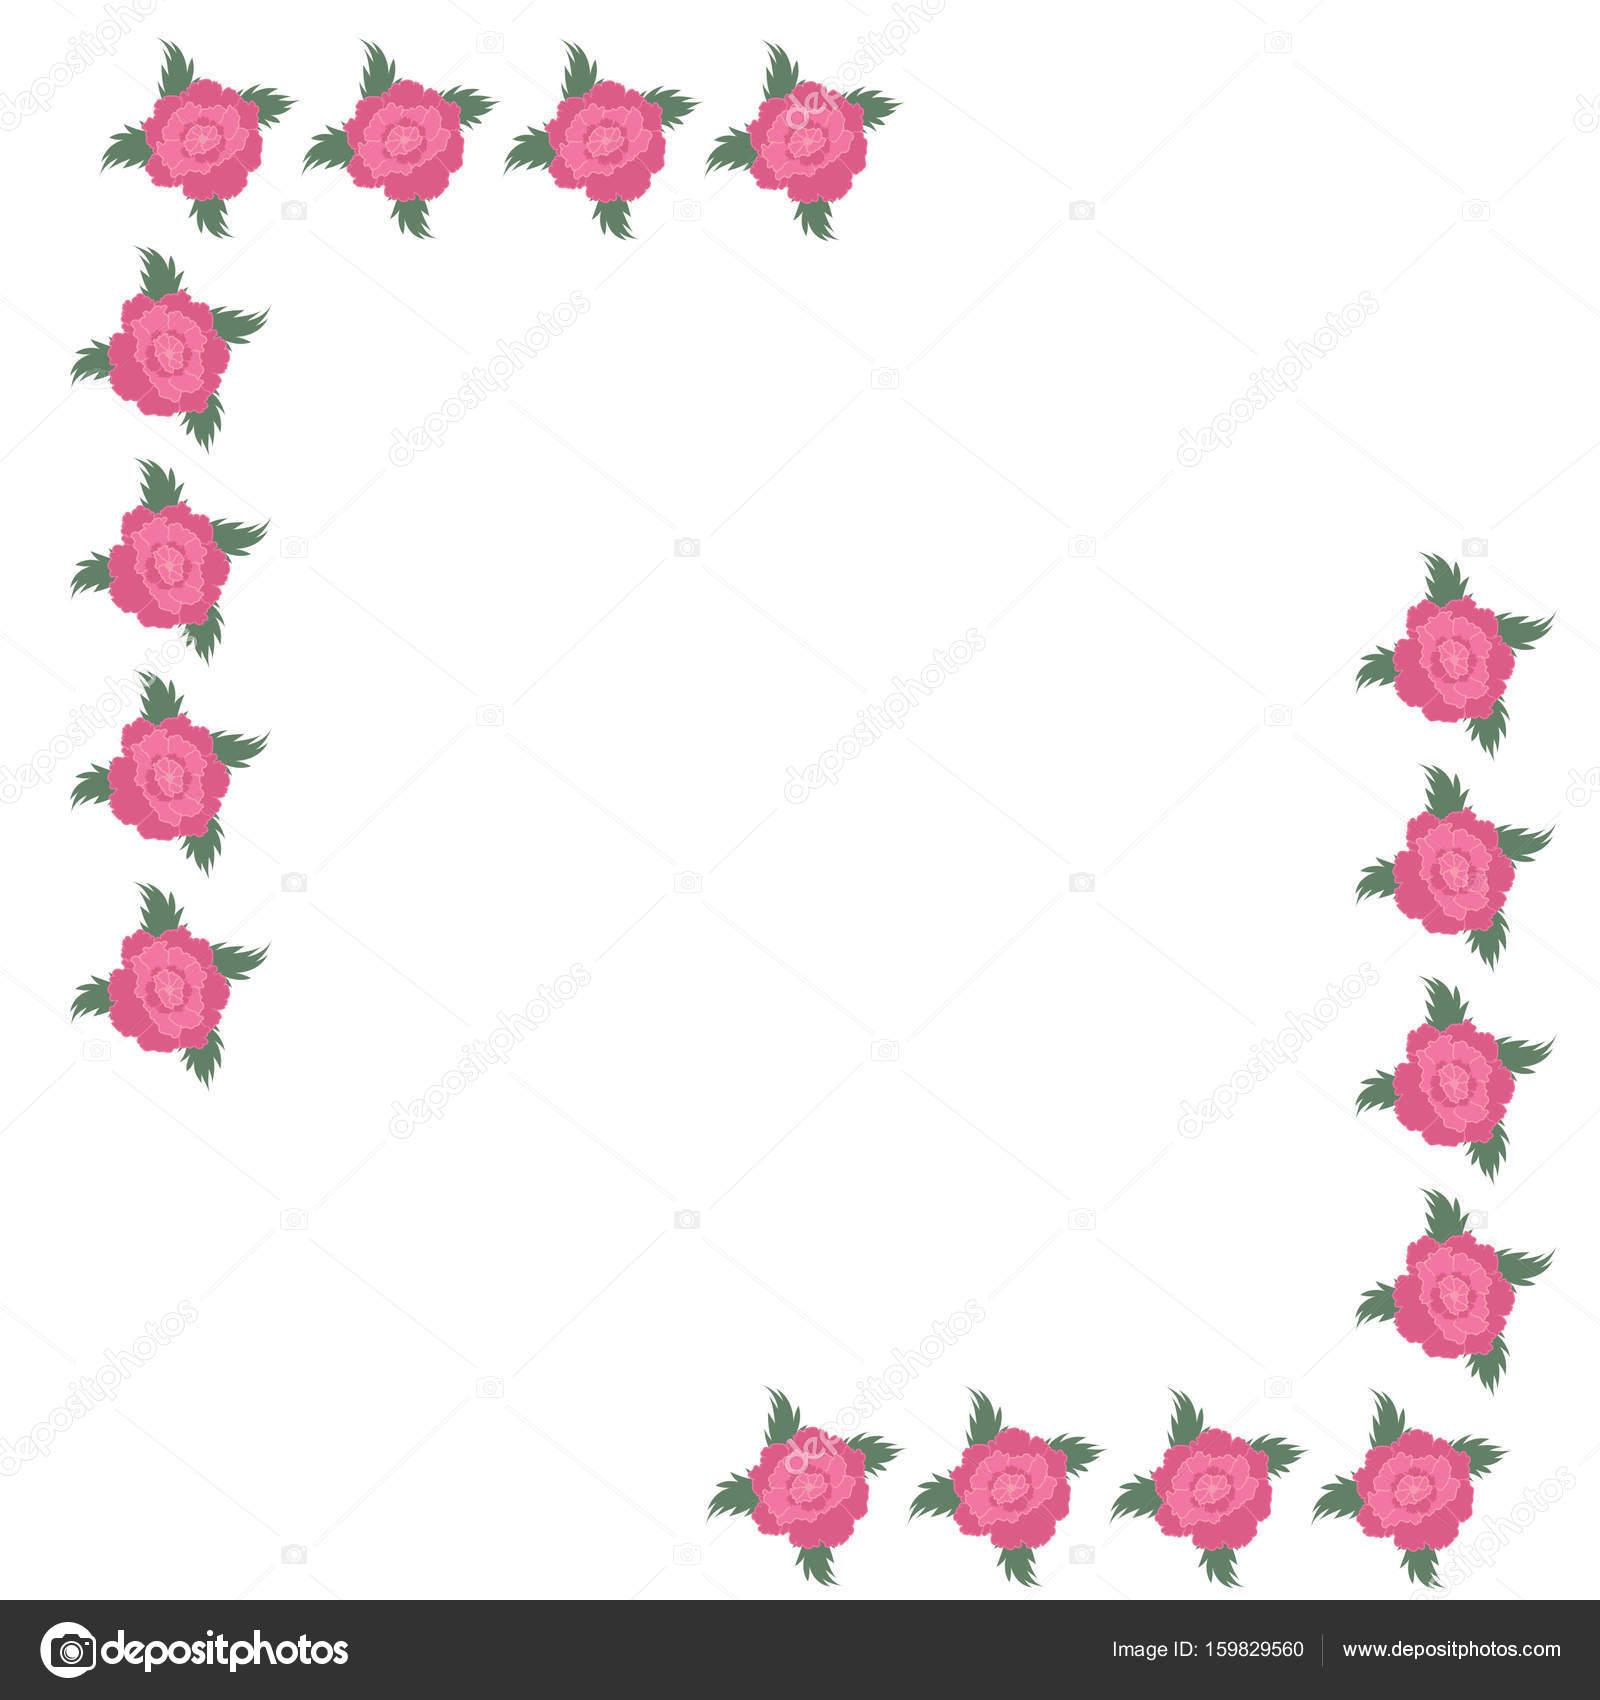 Rosa Pfingstrose Rahmenecke Auf Einem Weißen Hintergrund Grußkarte Einladung  Hochzeit Geburtstag Valentinstag Mutter Tag Veteranen Tag